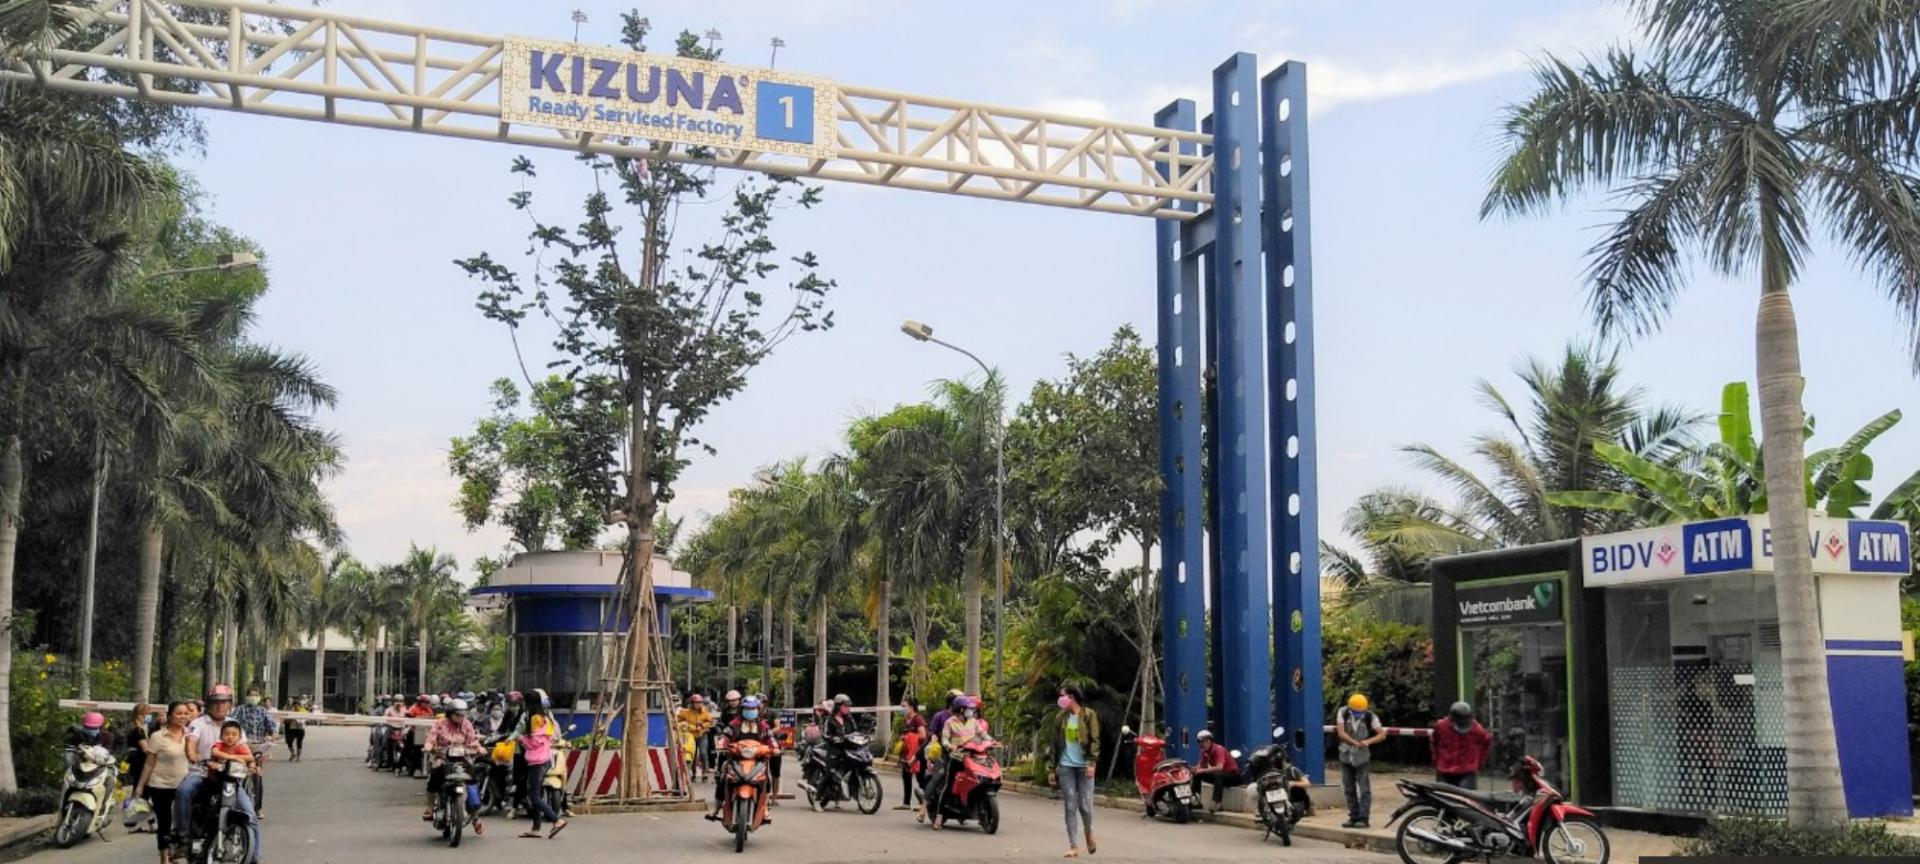 Cho thuê nhà xưởng giáp TPHCM tại Kizuna 1